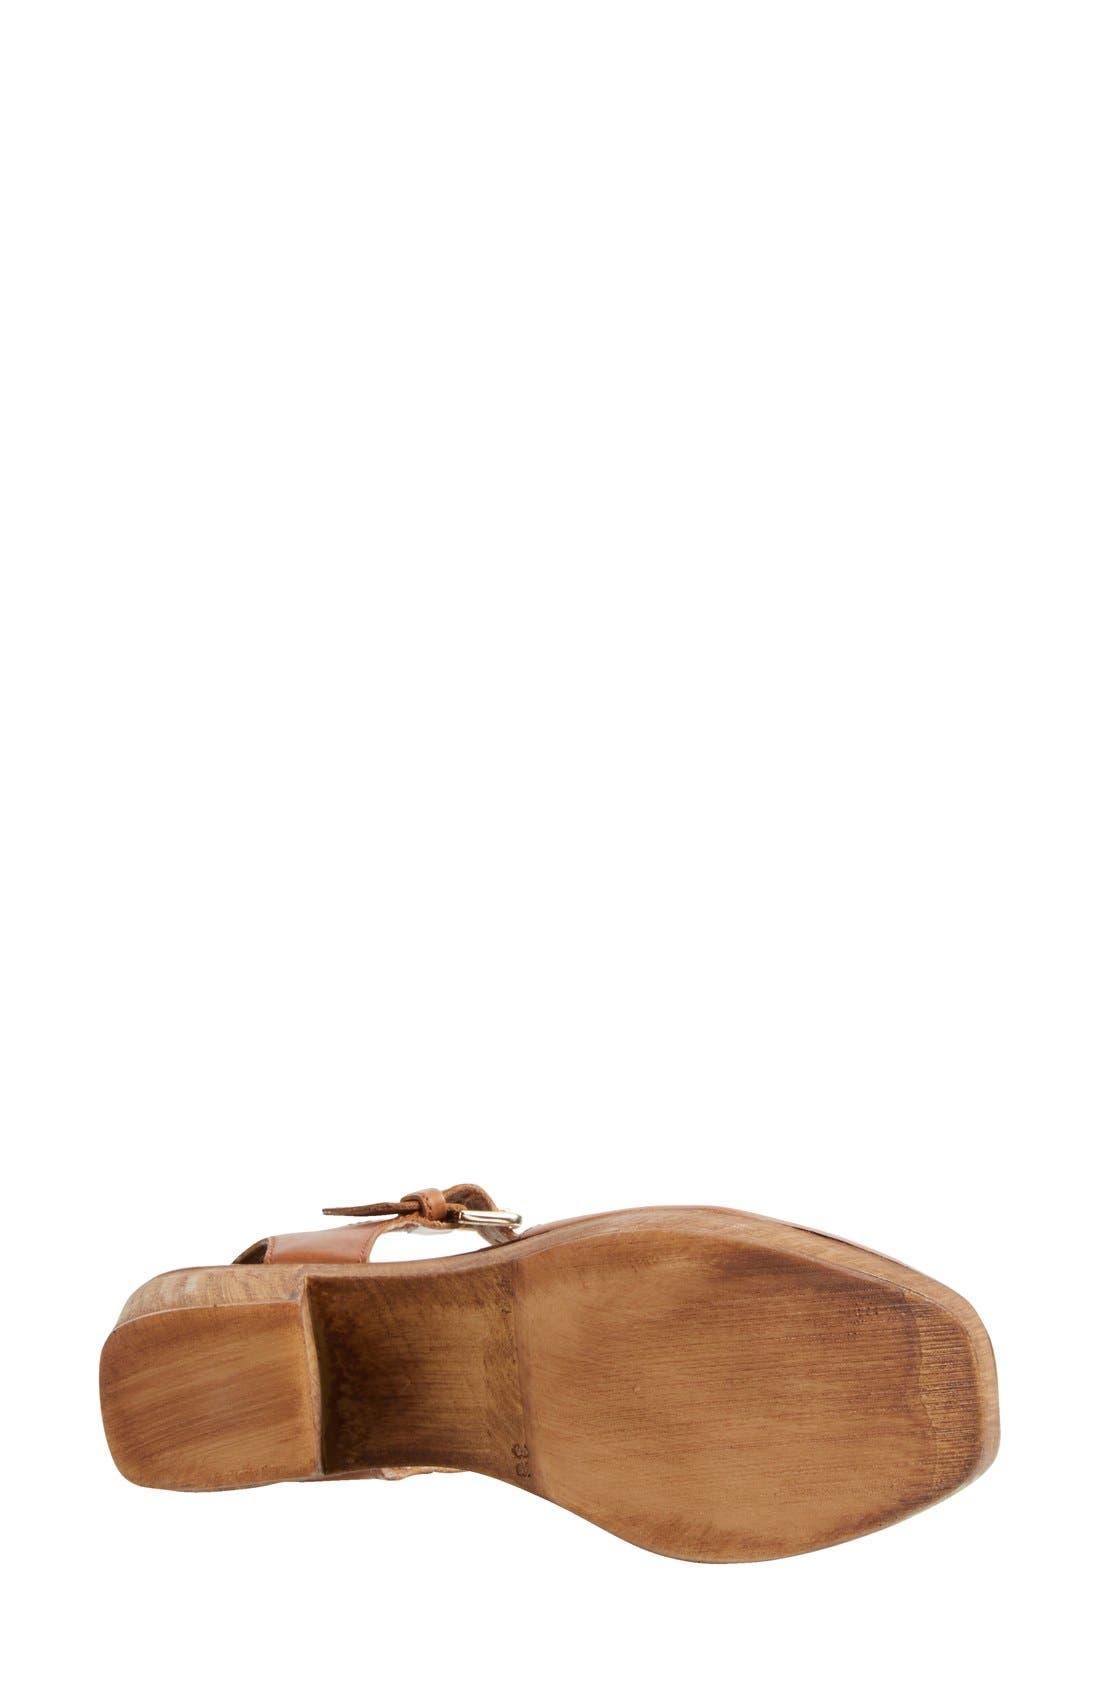 Alternate Image 2  - Topshop 'Smile' Wooden Platform Leather Sandal (Women)